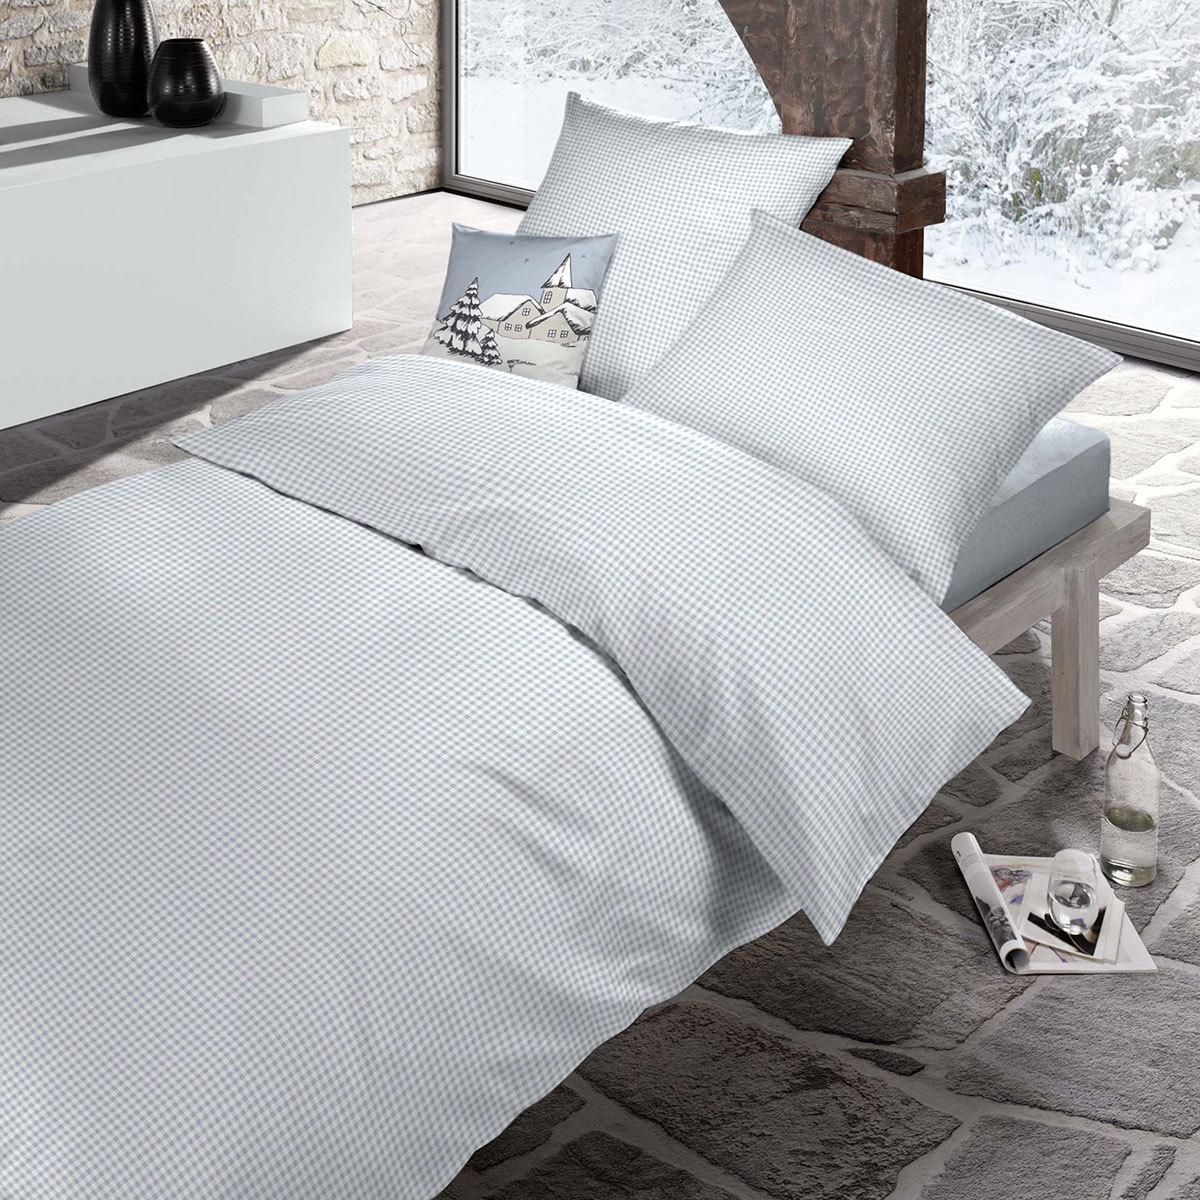 schlafgut casual cotton bettw sche starcheck hellblau g nstig online kaufen bei bettwaren shop. Black Bedroom Furniture Sets. Home Design Ideas